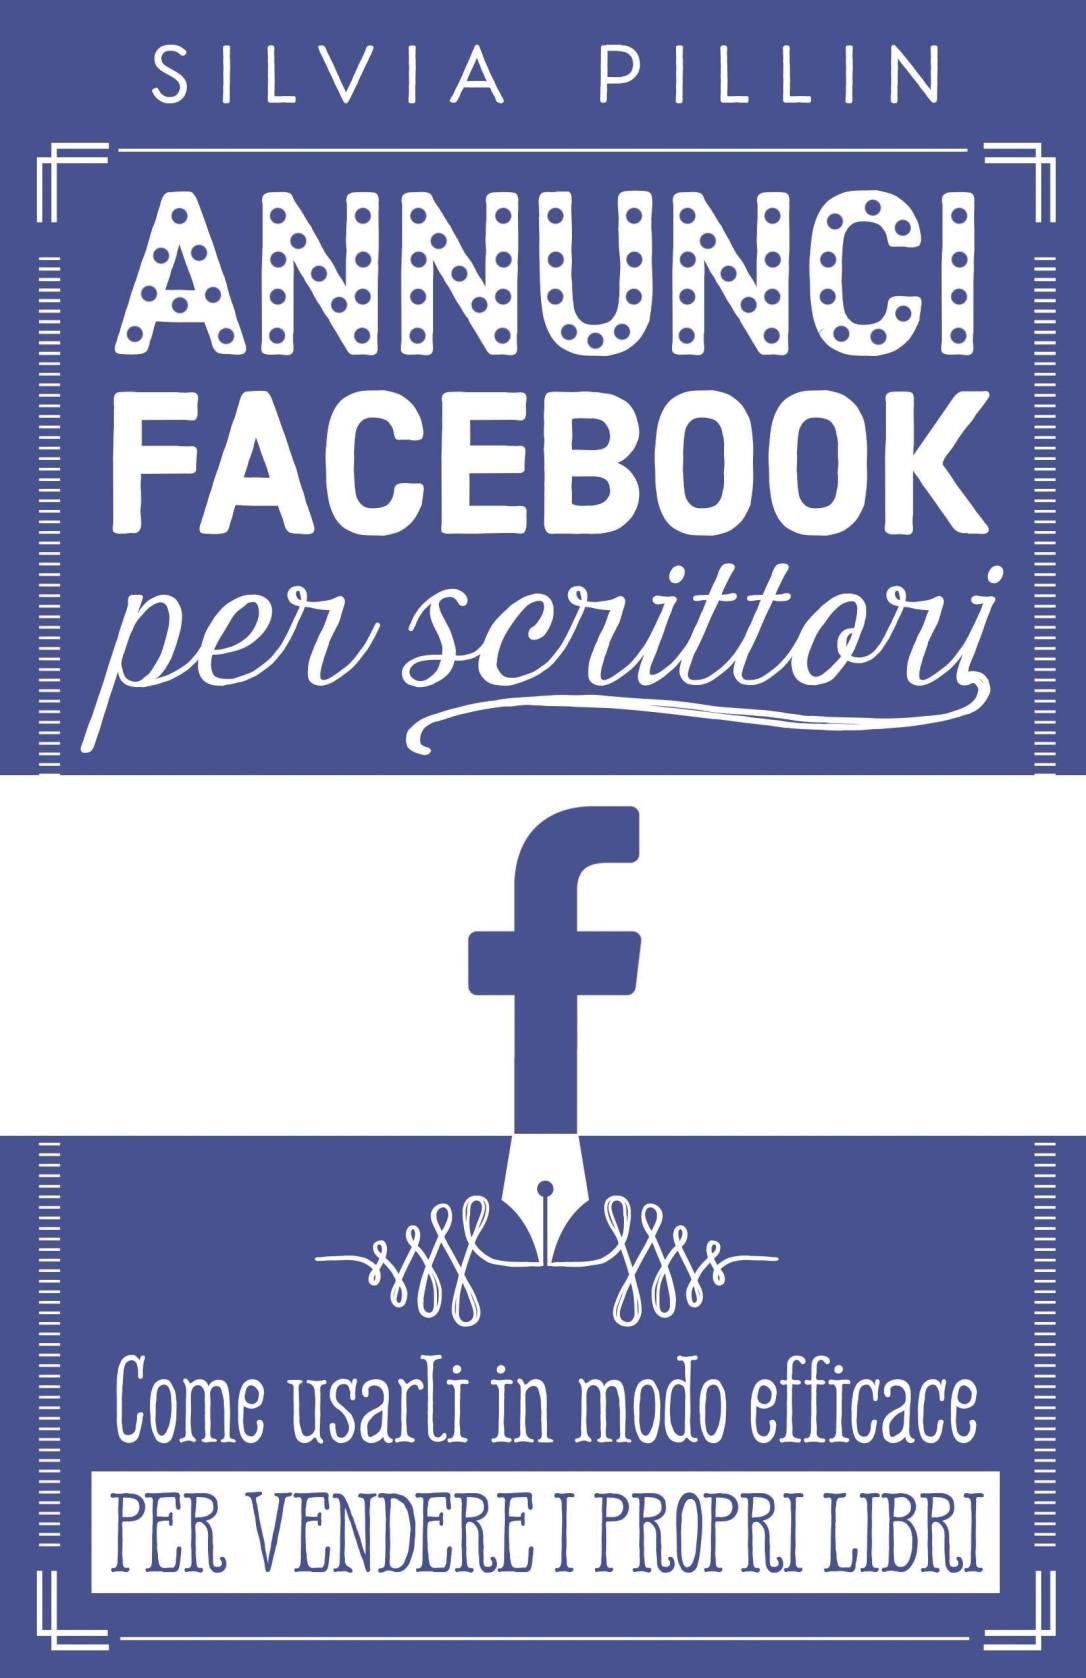 Annunci Facebook per scrittori di Silvia Pillin